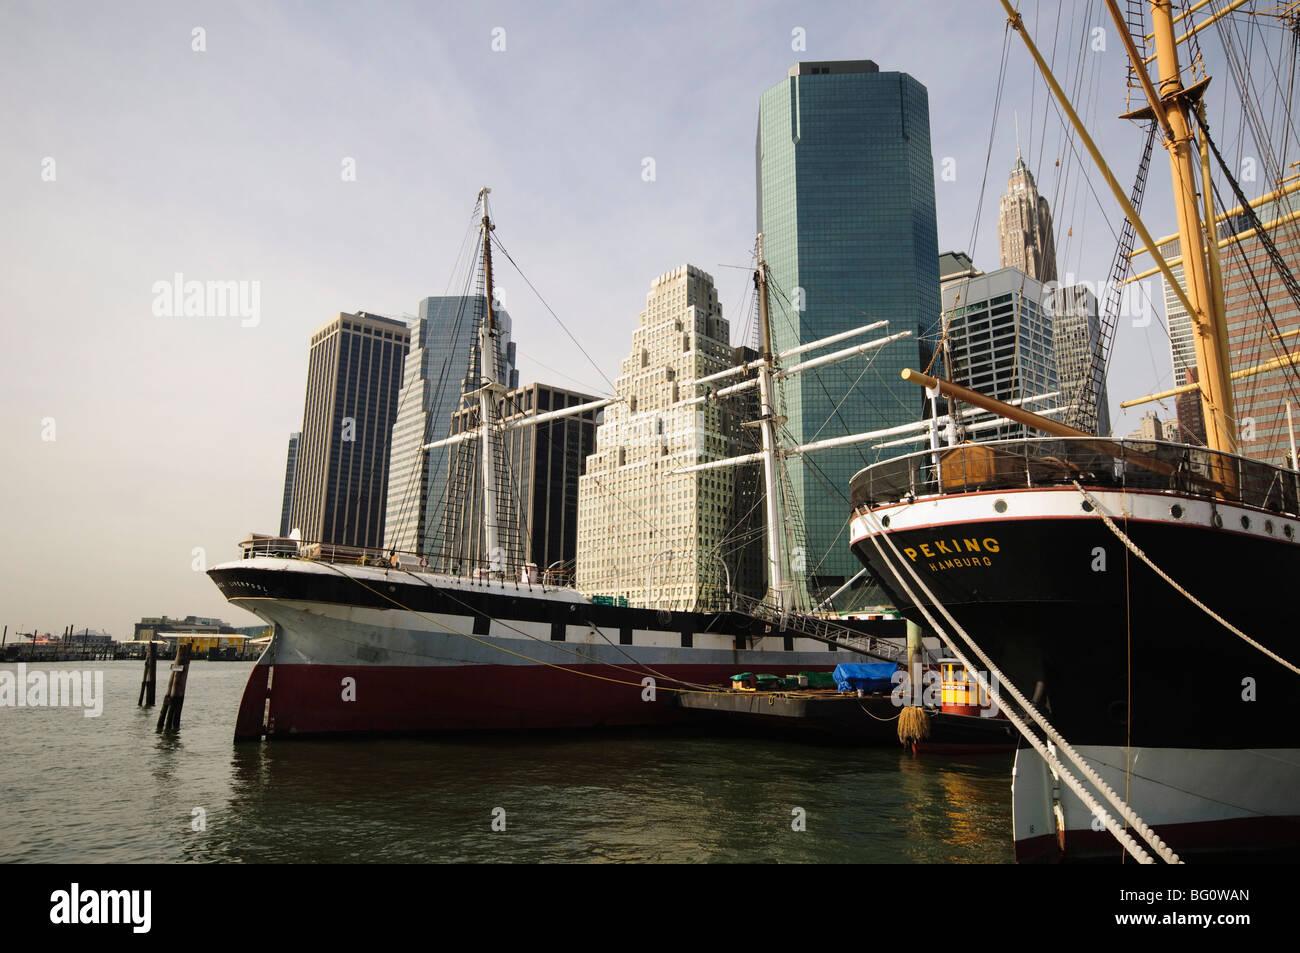 South Street Seaport, Lower Manhattan, New York City, New York, États-Unis d'Amérique, Amérique Photo Stock